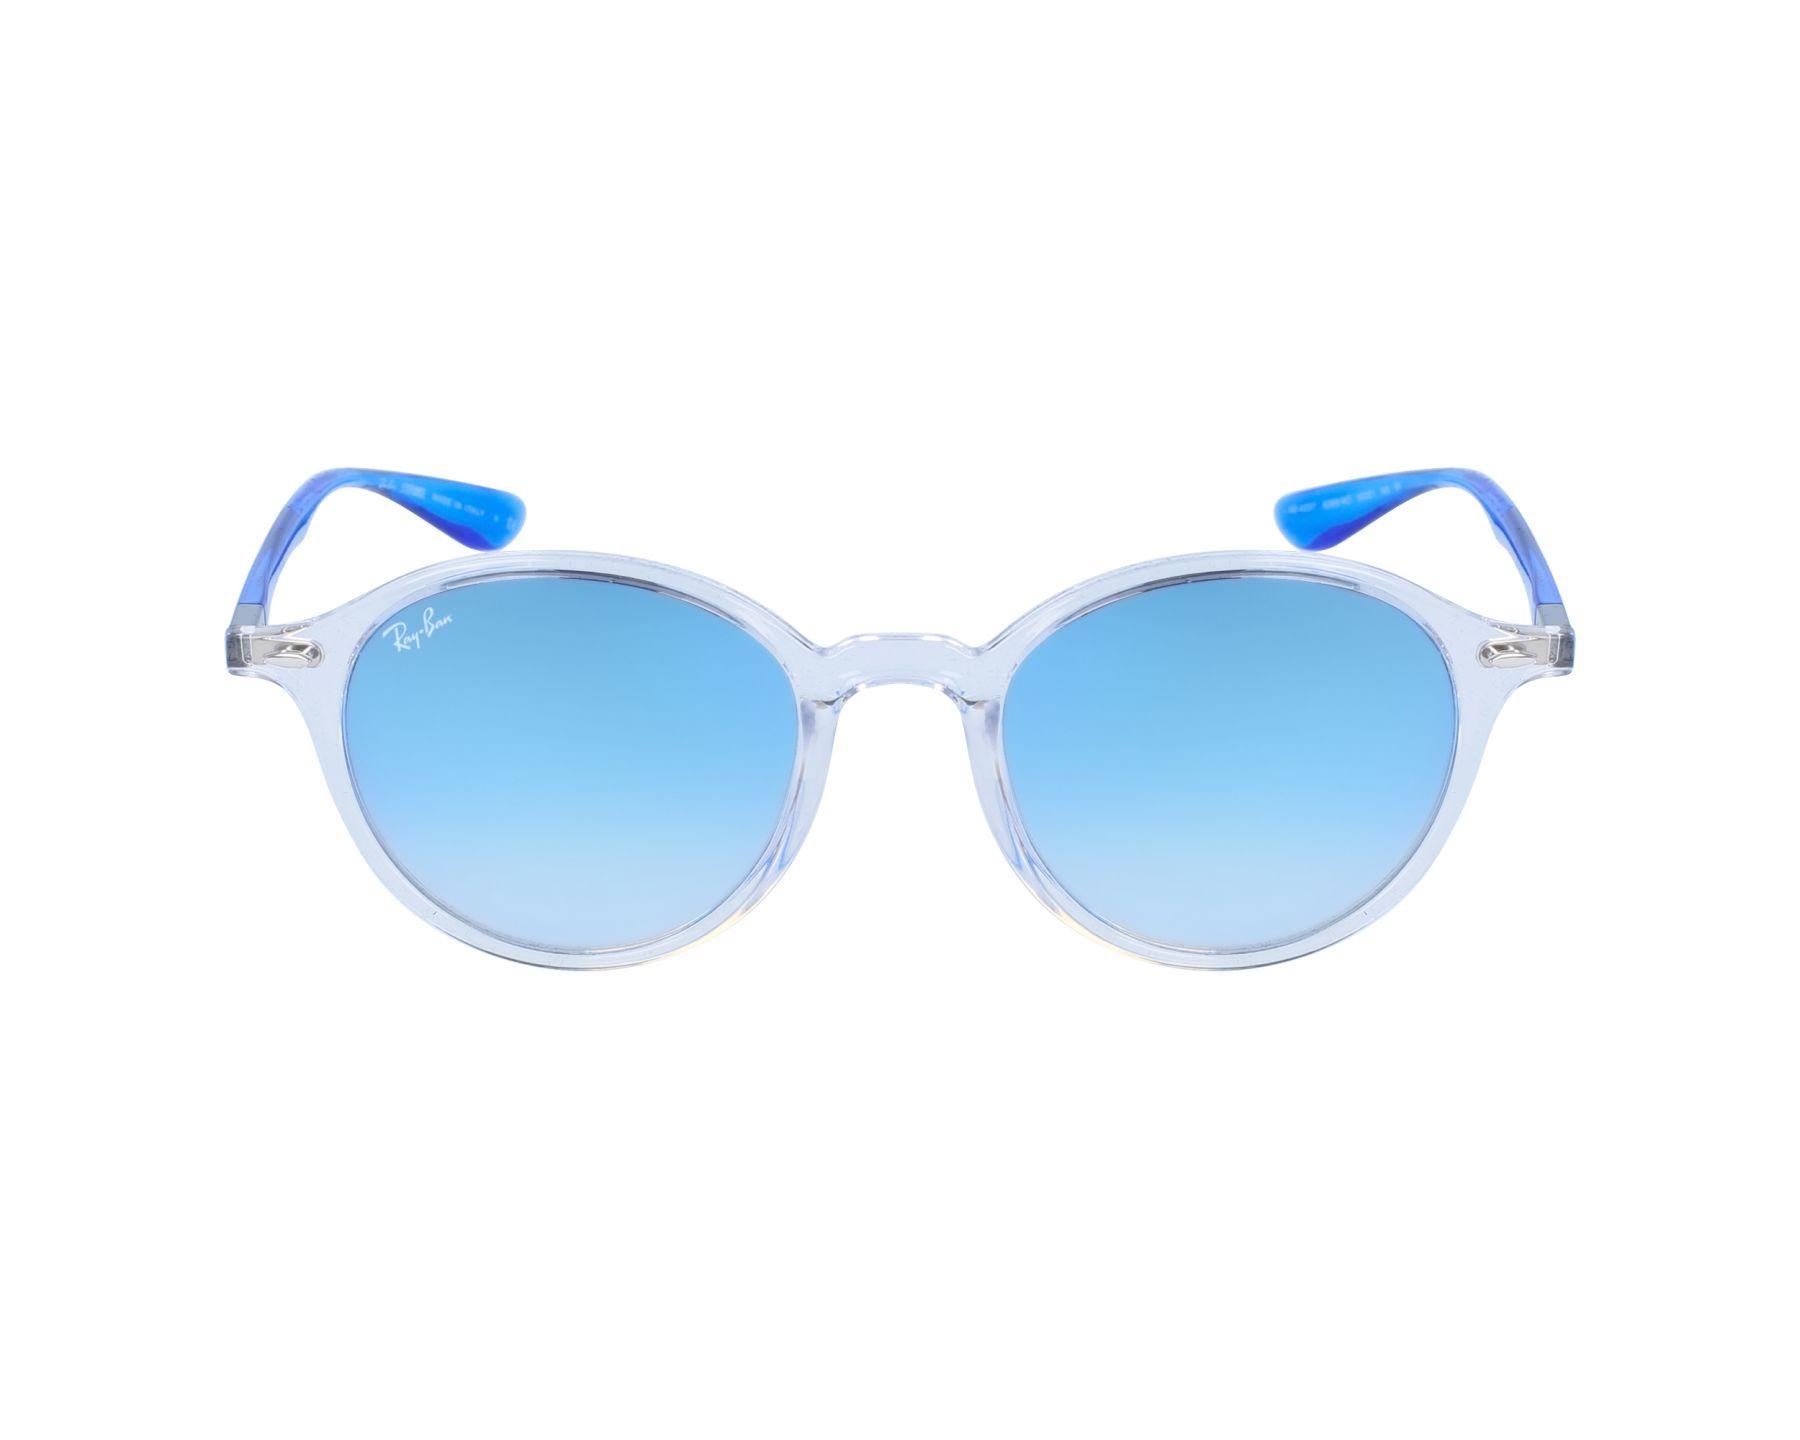 67de965da05 Sunglasses Ray-Ban RB-4237 62894O 50-21 White Blue profile view